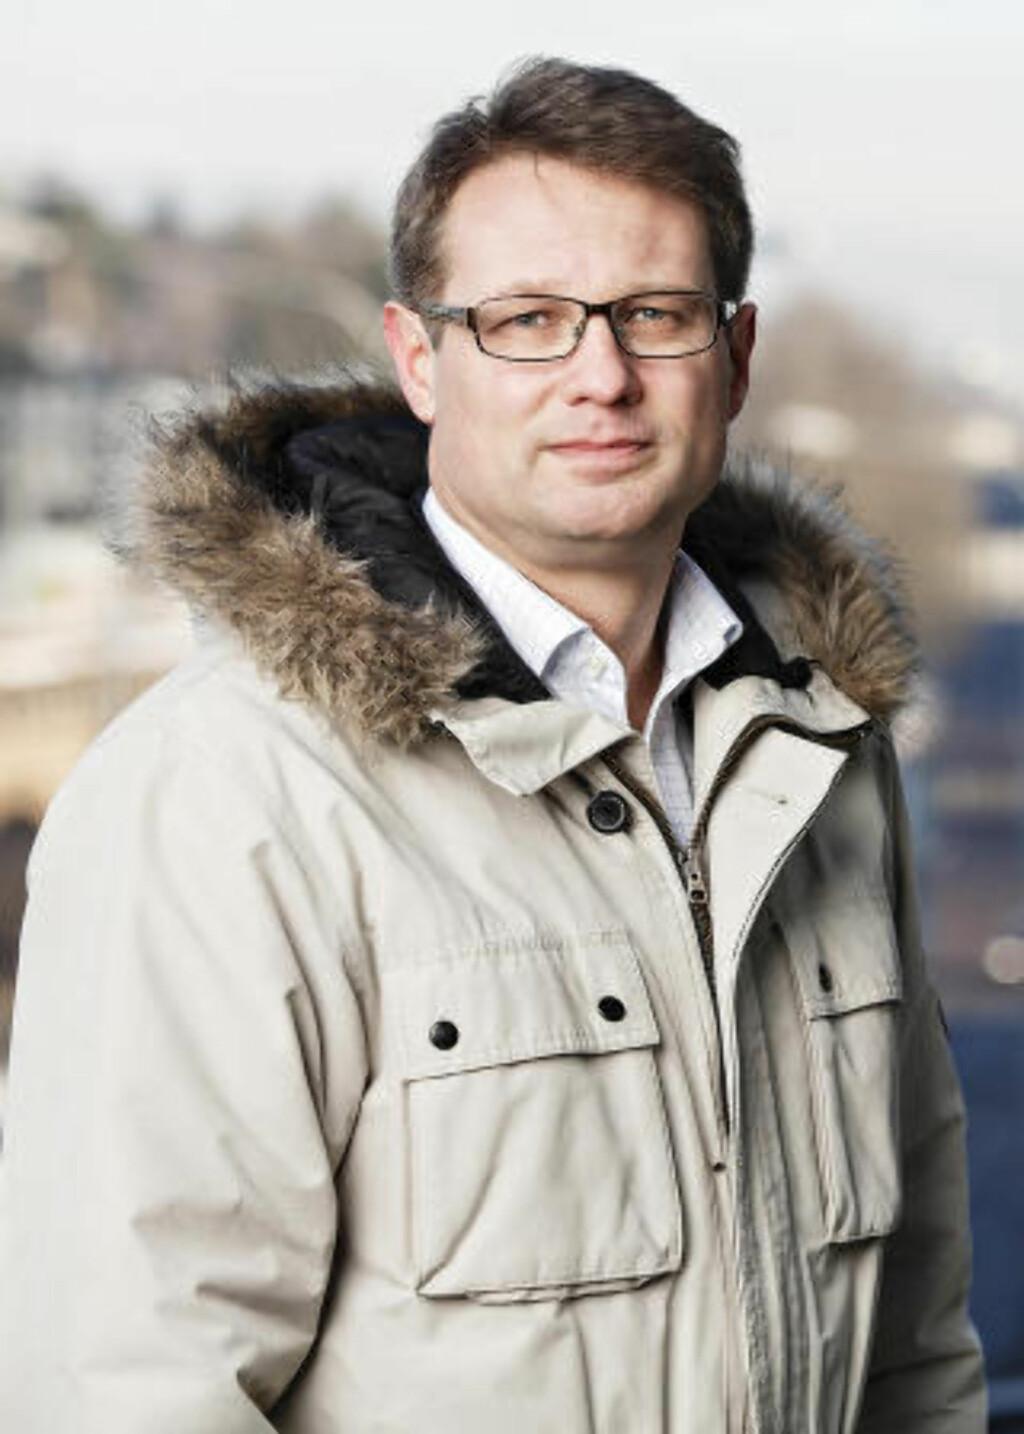 KLIMAENDRINGER: Kommunikasjonsrådgiver Sigmund Clementz i If Skadeforsikring sier de har merket seg klimaendringer i Norge. Foto: Pressefoto/If Skadeforsikring.